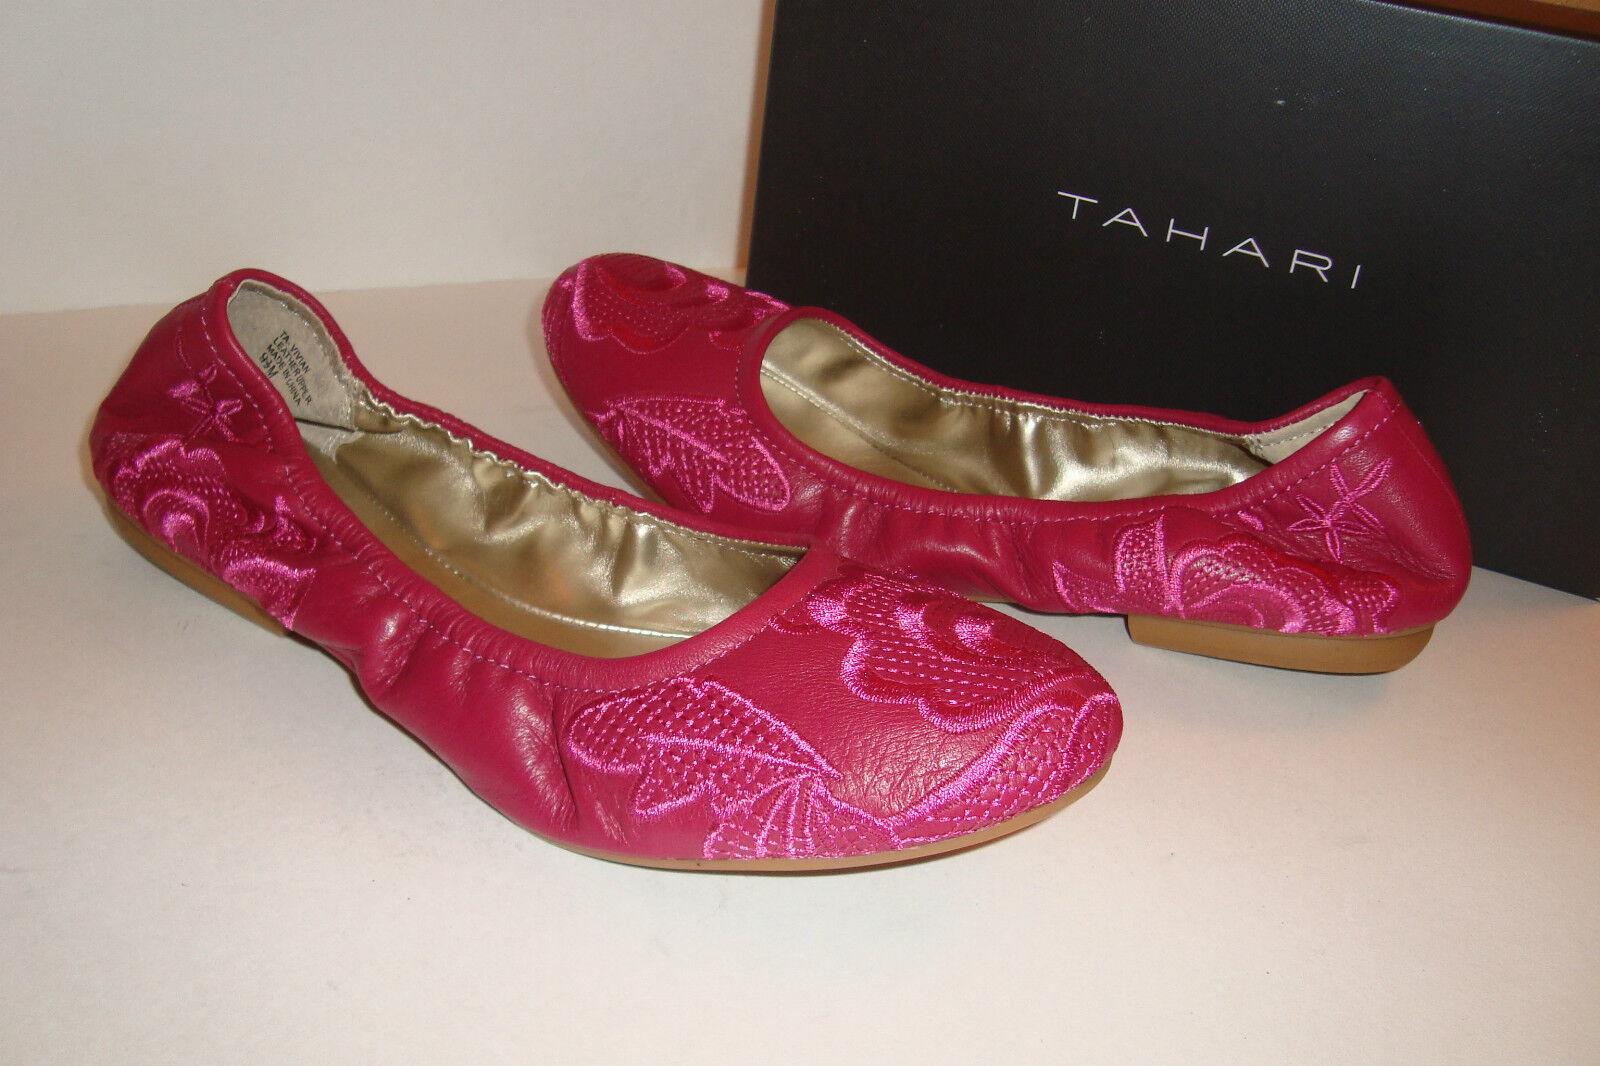 Tahari femmes NWB Vivian Magenta rose Flats chaussures 6 MED NEW